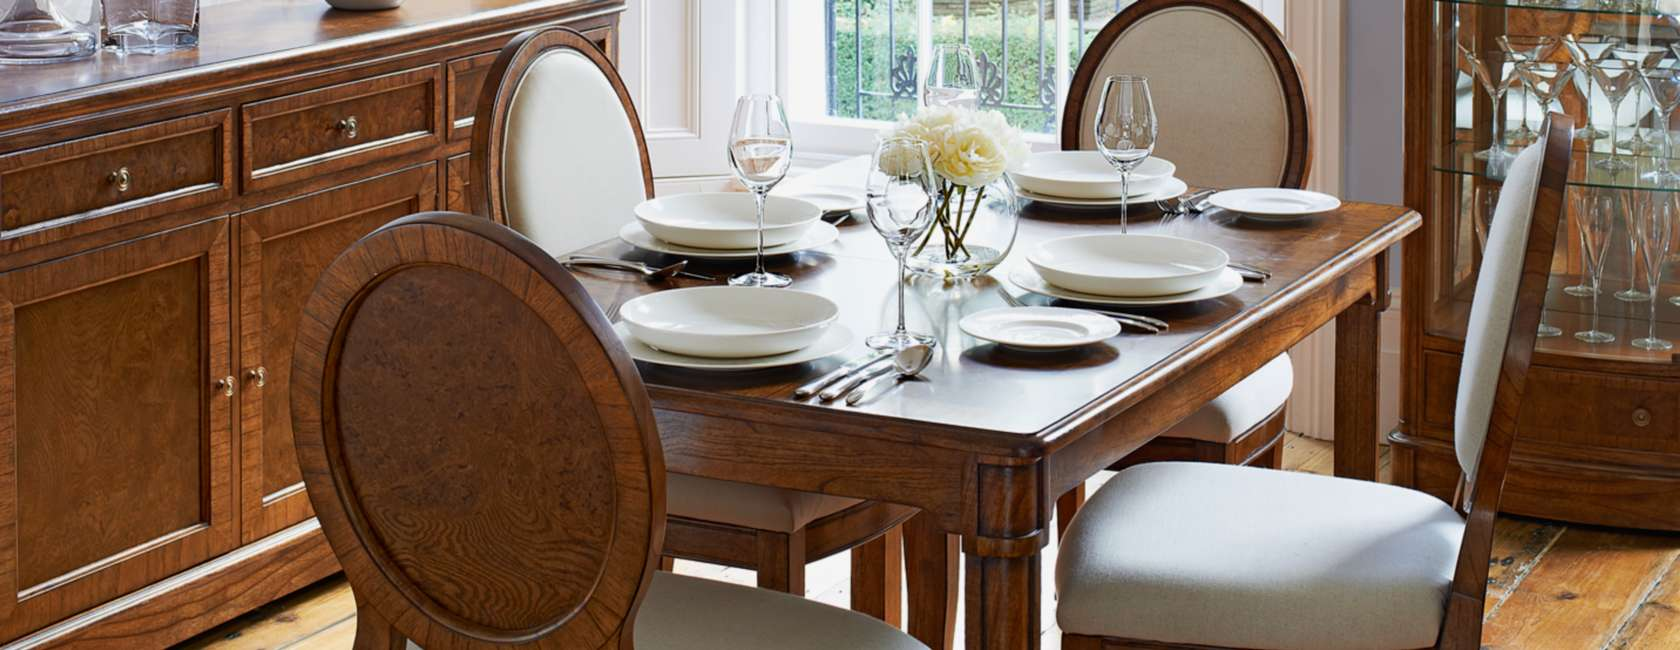 John Lewis Hemingway Living And Dining Room Furniture At John Lewis